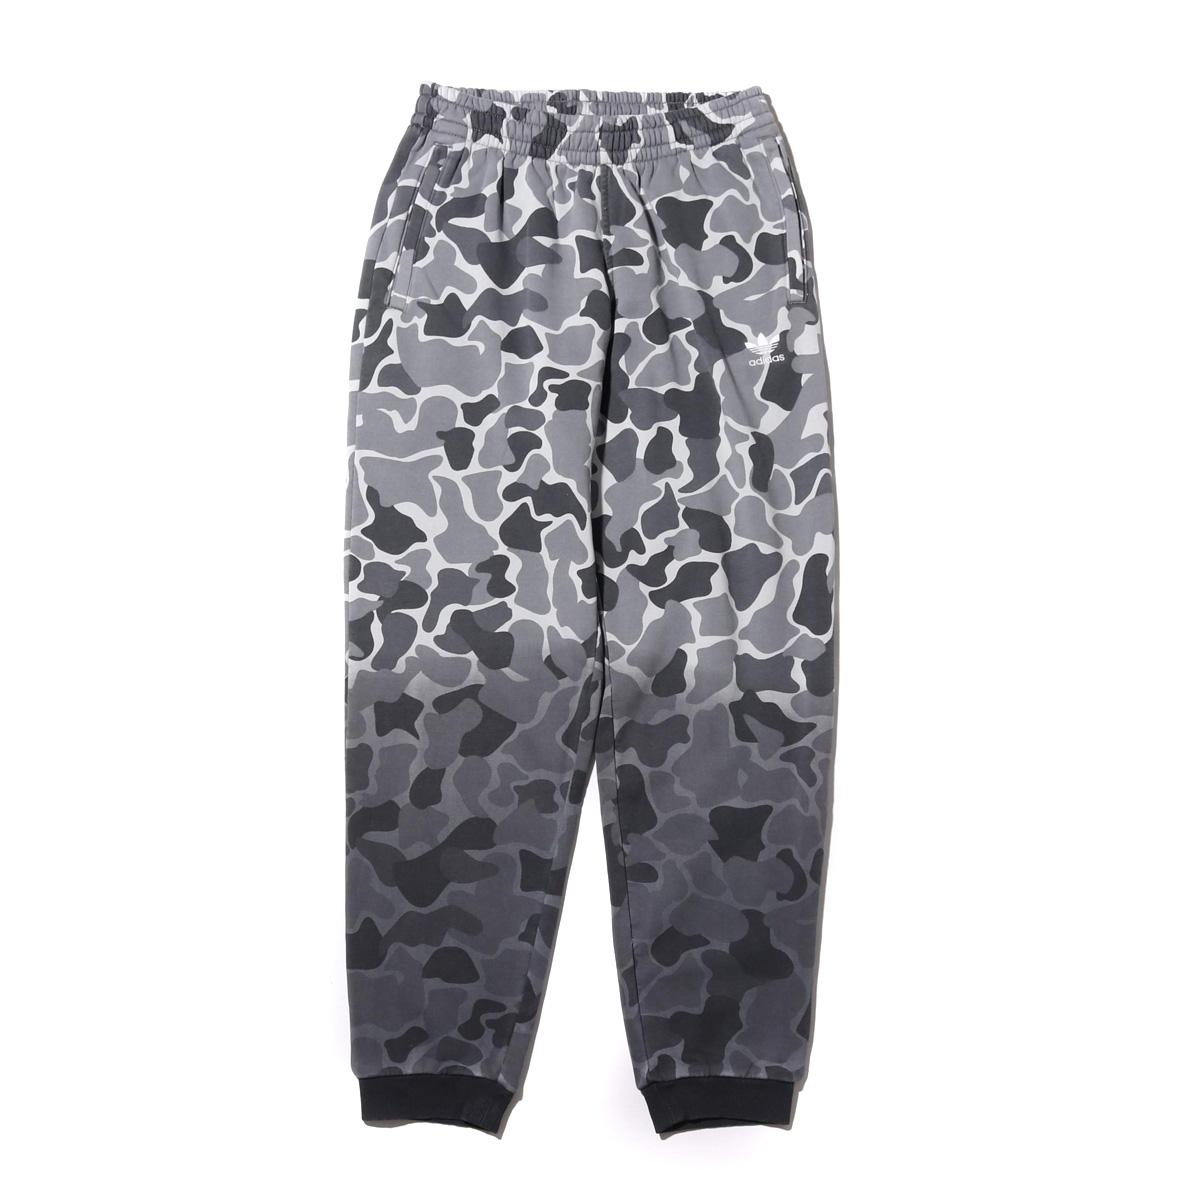 adidas Originals CAMO PANTS(アディダス オリジナルス カモパンツ)MULTI COLOR【メンズ パンツ】18FW-I